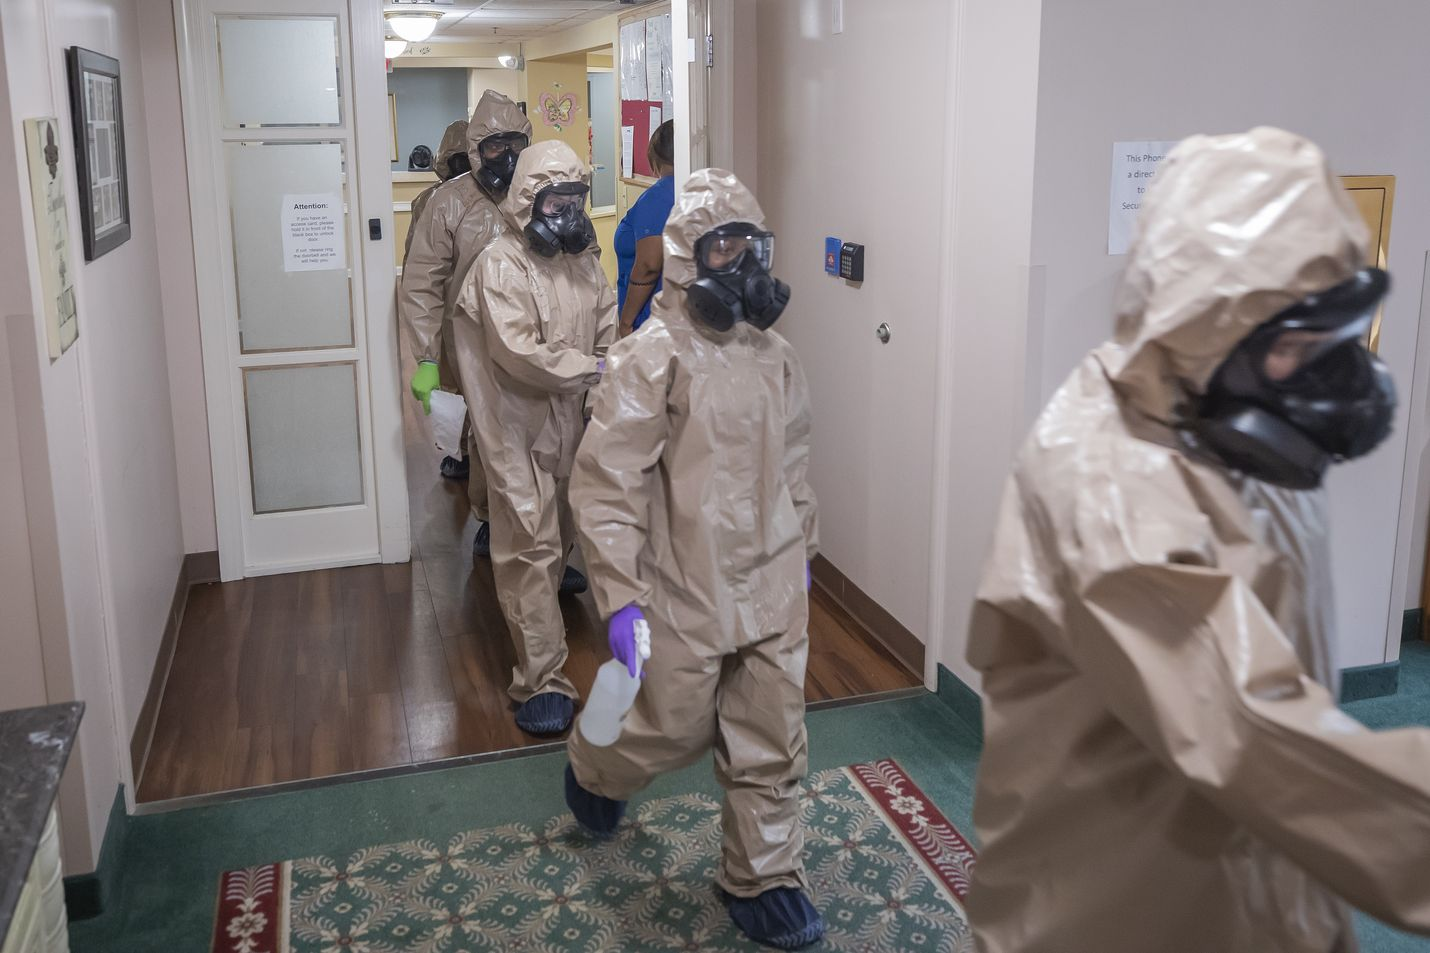 Joukko sotilaita desinfioi vanhainkotia koronaviruksen vuoksi Mariettan kaupungissa Georgian osavaltiossa Yhdysvalloissa. Osavaltio on ilmoittanut alkavansa poistaa koronaviruksen vuoksi asetettuja rajoituksia tällä viikolla.